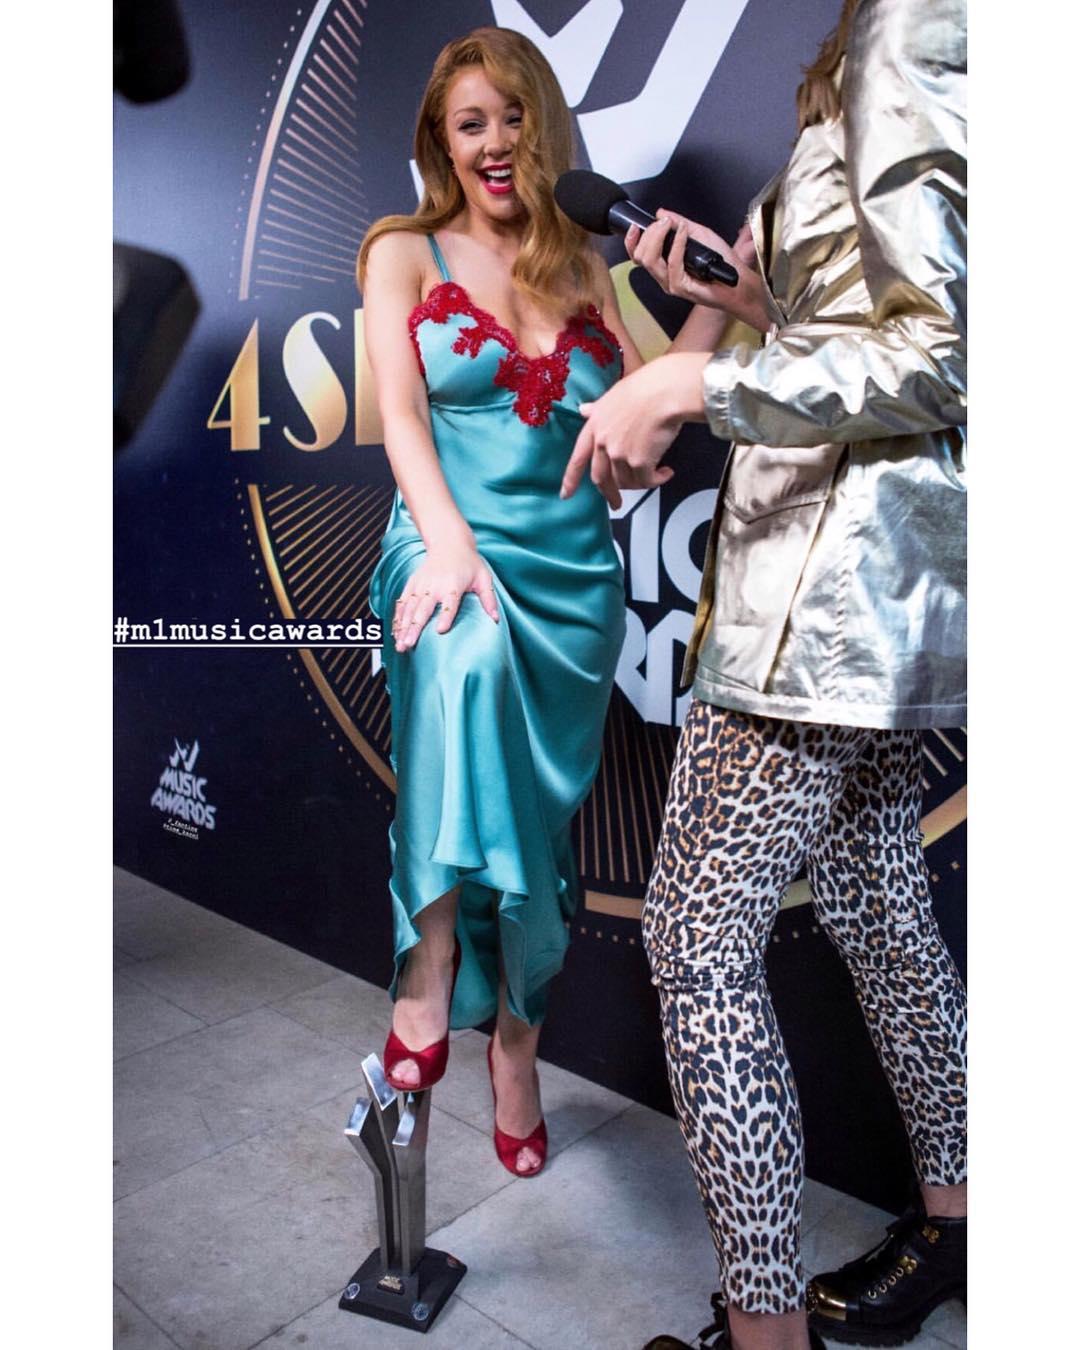 Певица Тина Кароль на вручении премии м1 music awards